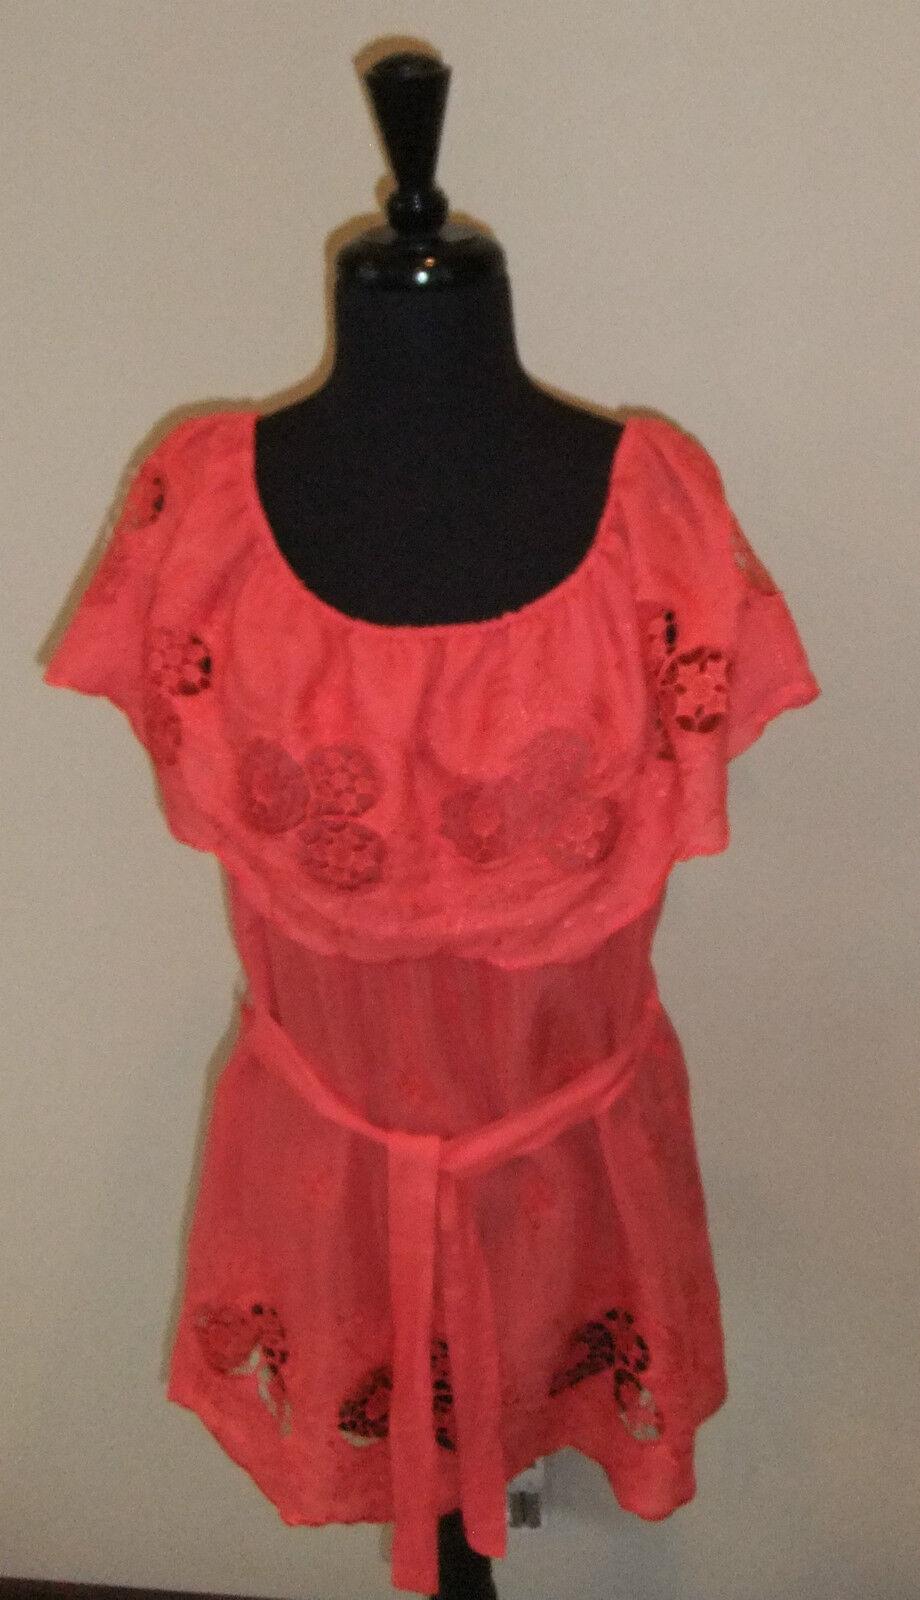 Swimware Cover, Arden B, Embroiderot Hot Coral Tunic, Größe S